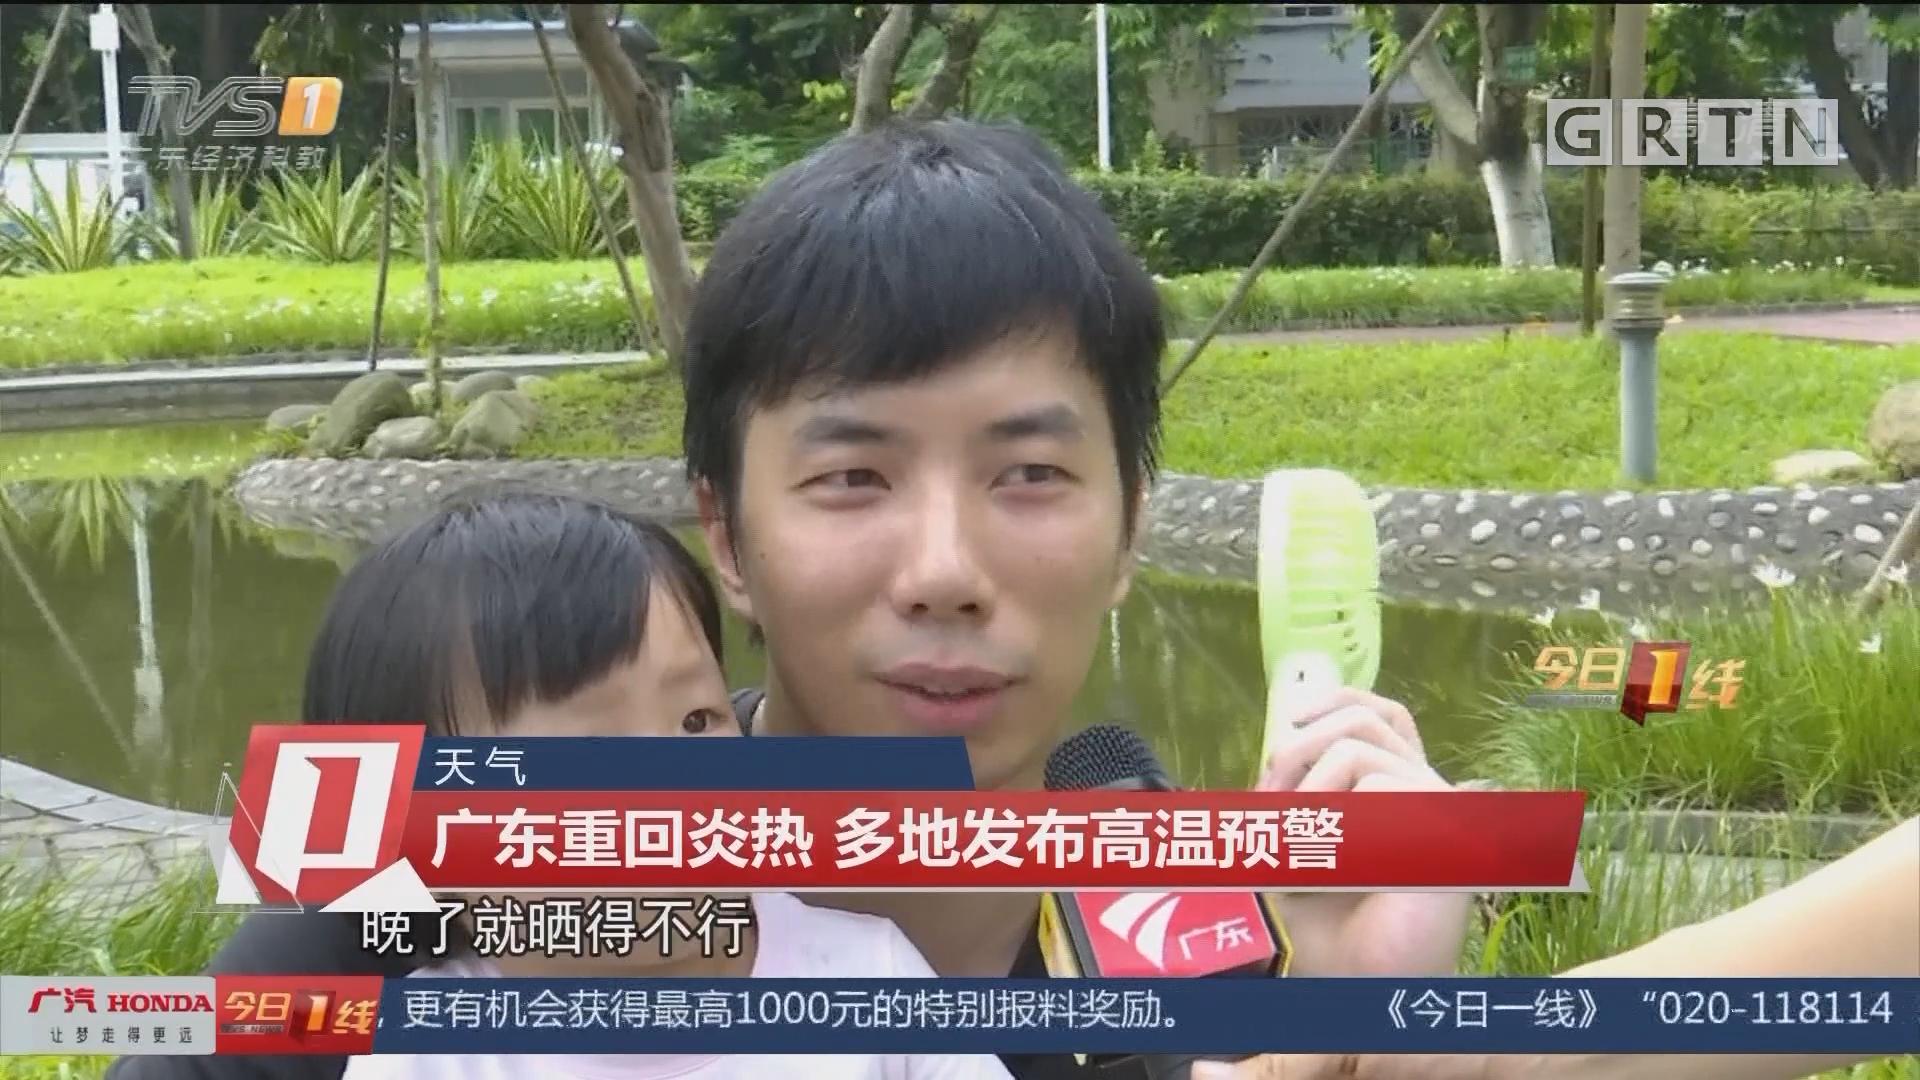 天气 广东重回炎热 多地发布高温预警